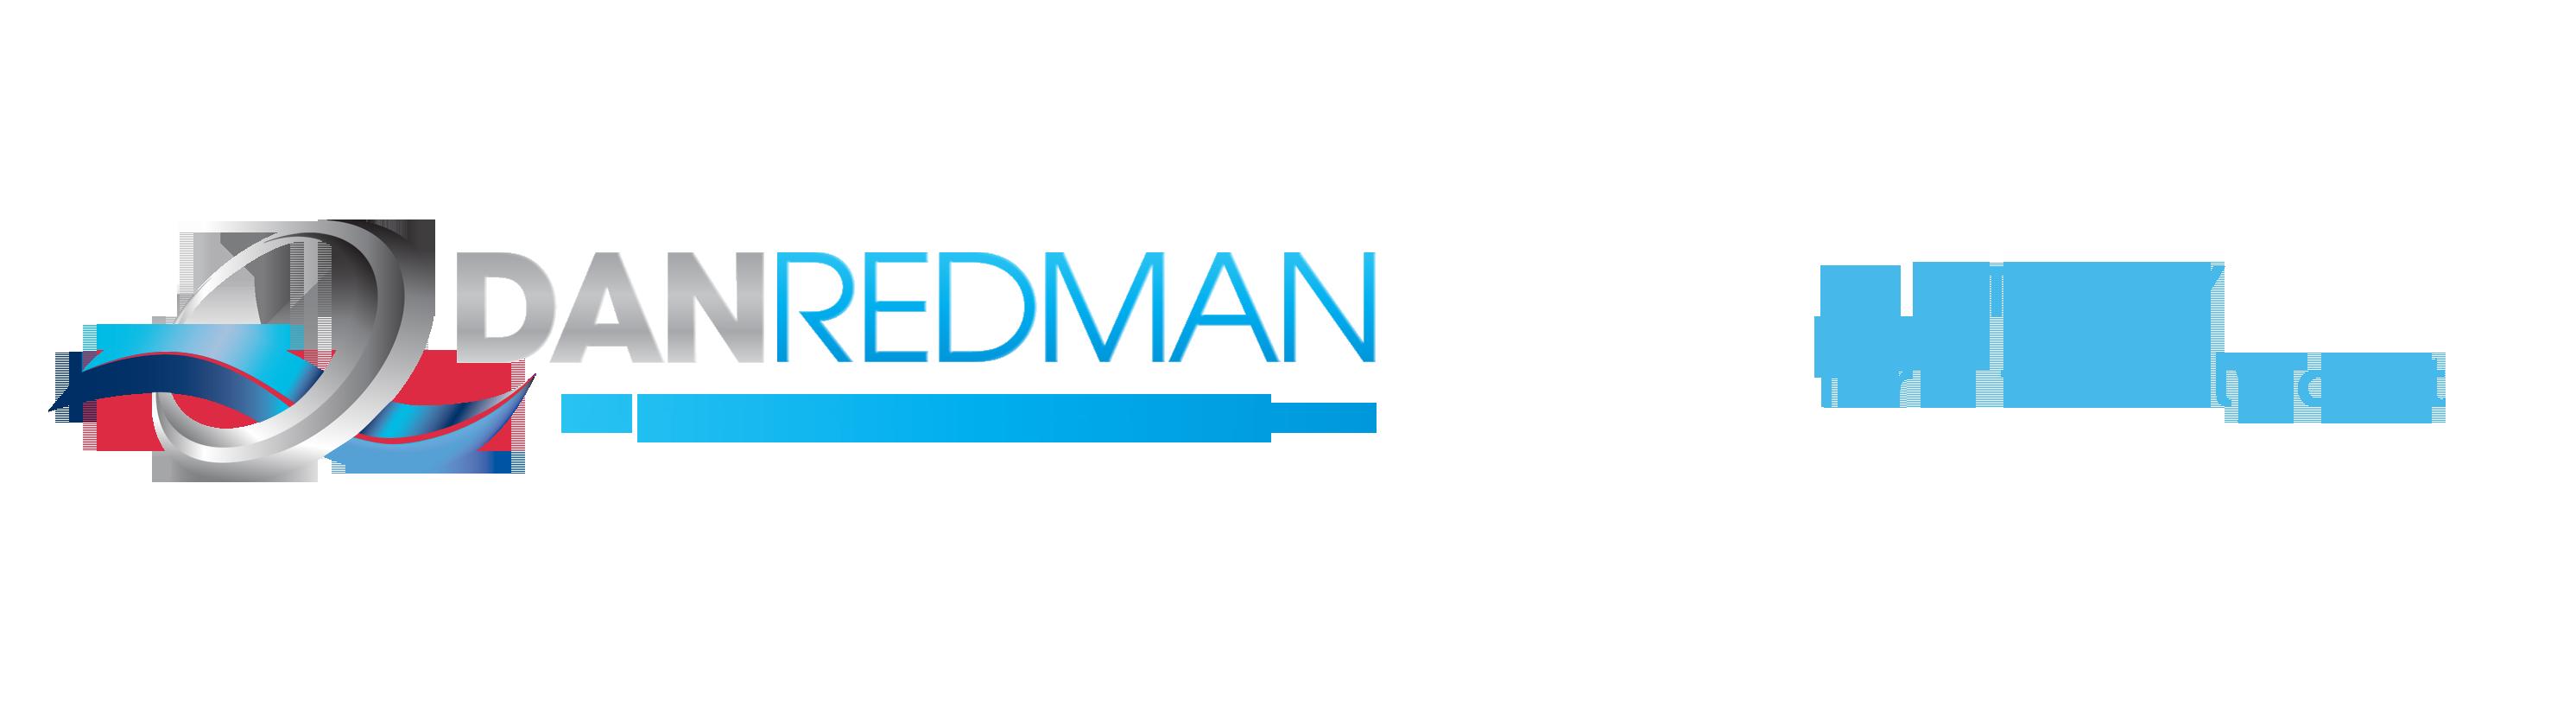 Dan Redman Plumbing In King S Lynn West Norfolk